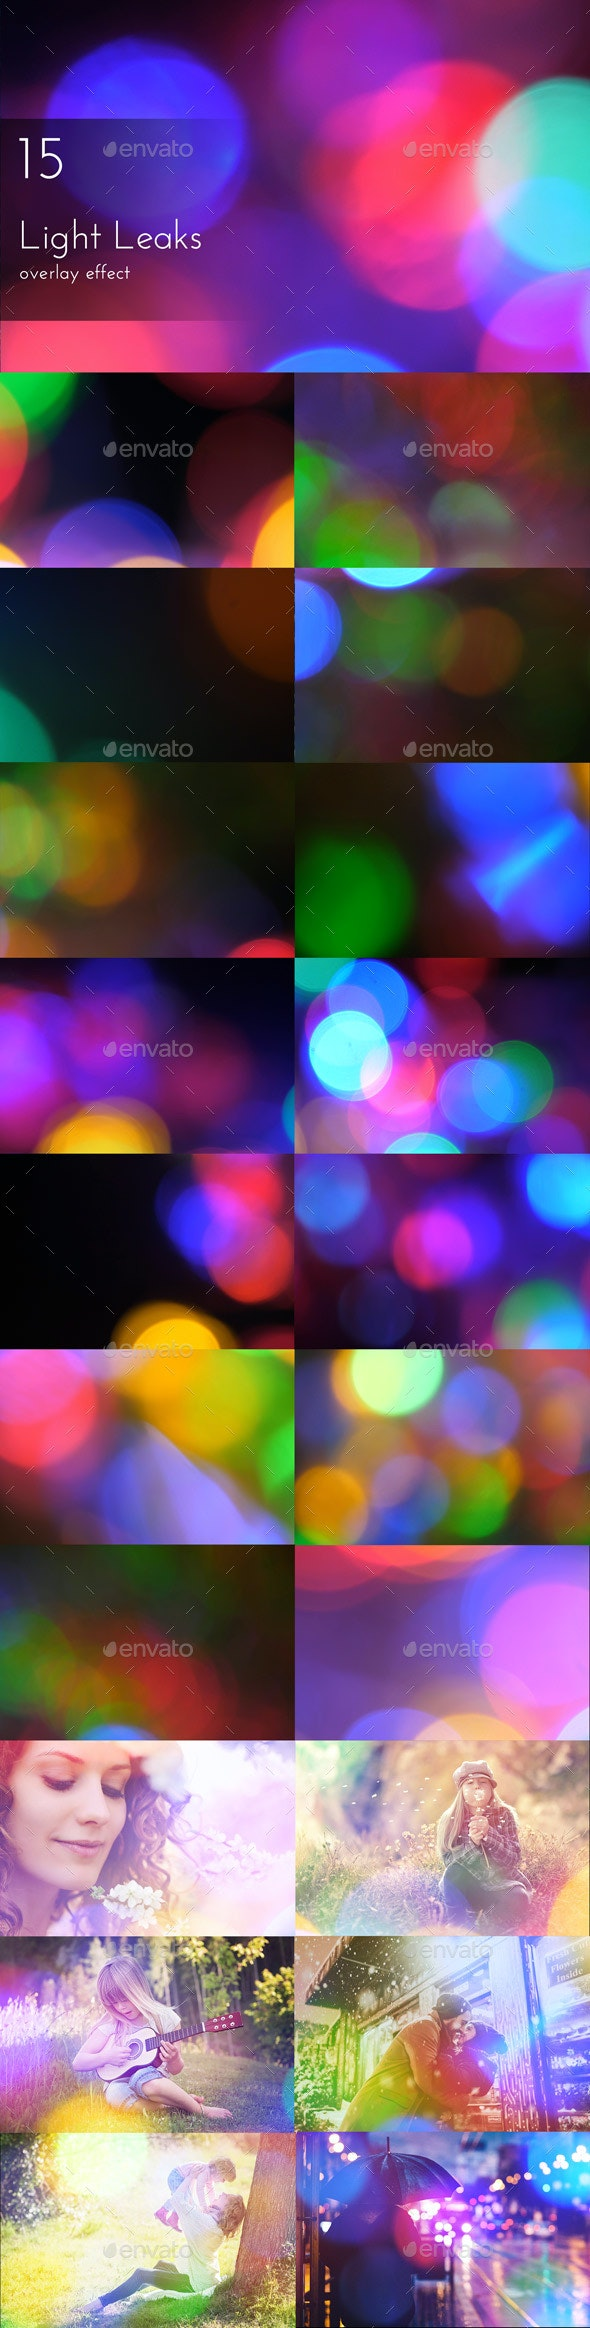 Light Leaks Overlays - Artistic Photo Templates